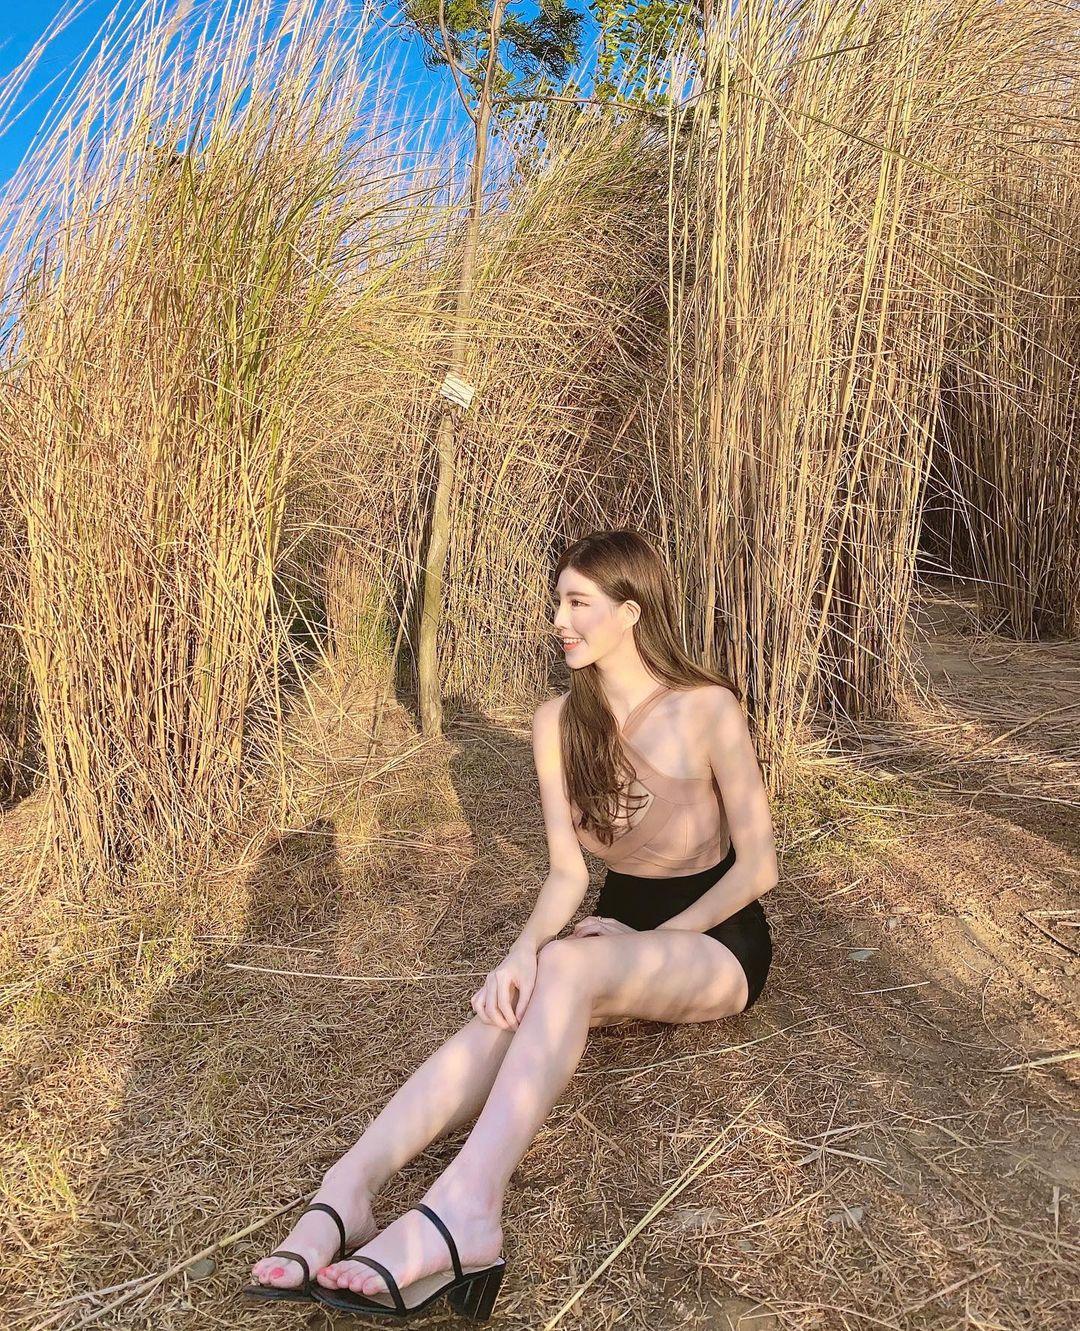 活動主持人薇薇兒 美腿大解放 IG滿滿黑絲實在太驚人 長腿一覽無遺 - 美女圖 -